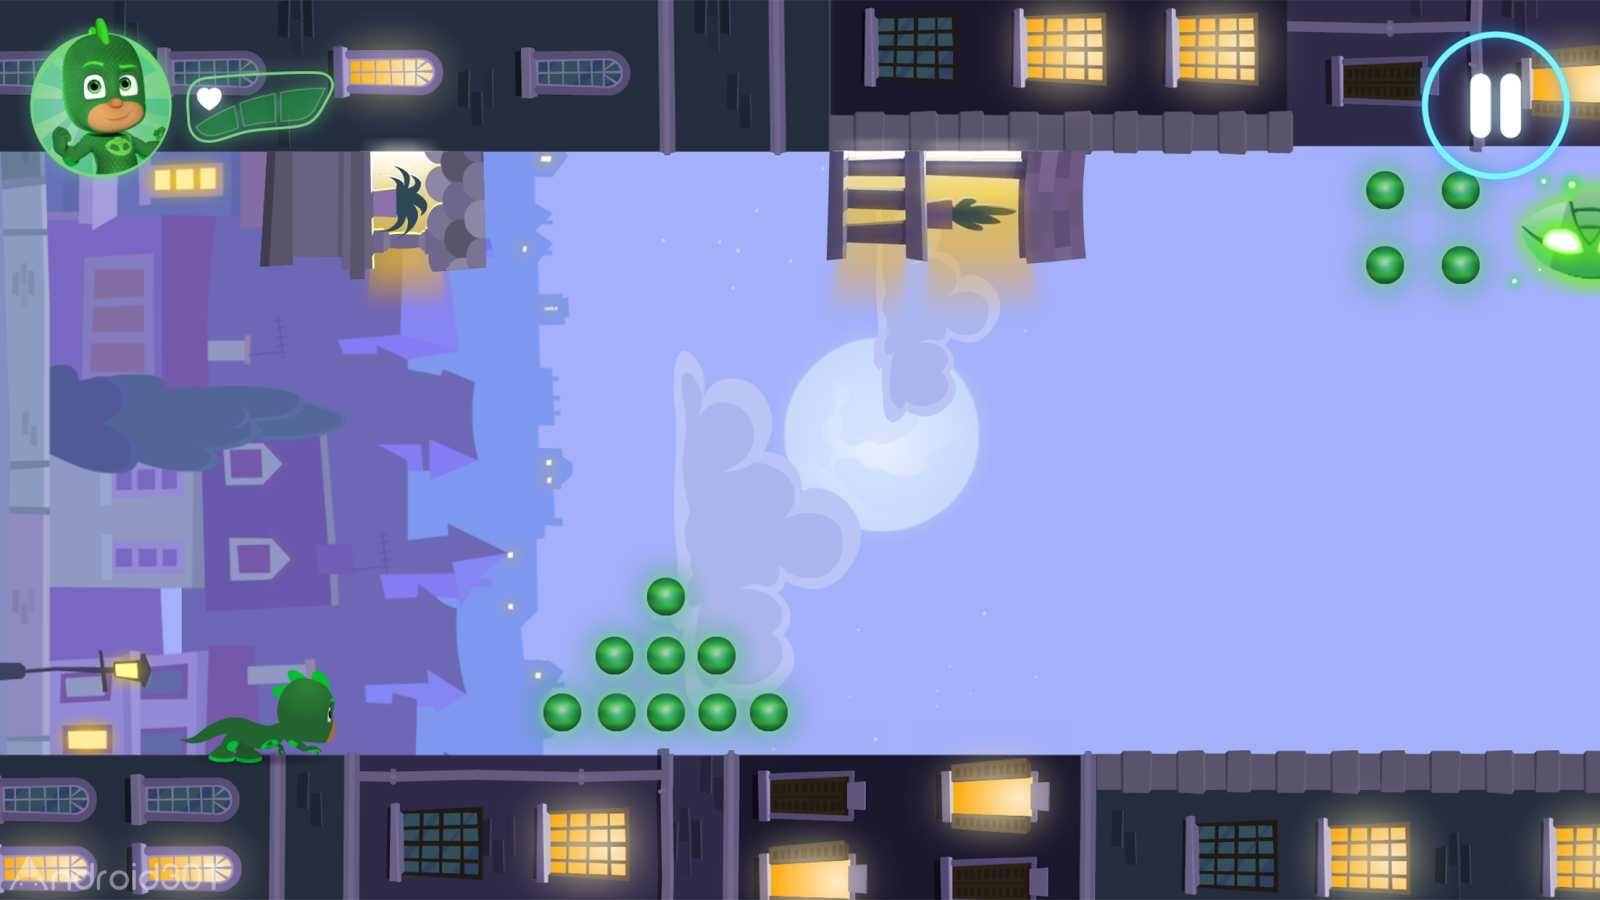 دانلود PJ Masks: Moonlight Heroes 2.3.0 – بازی اکشن کم حجم برای اندروید